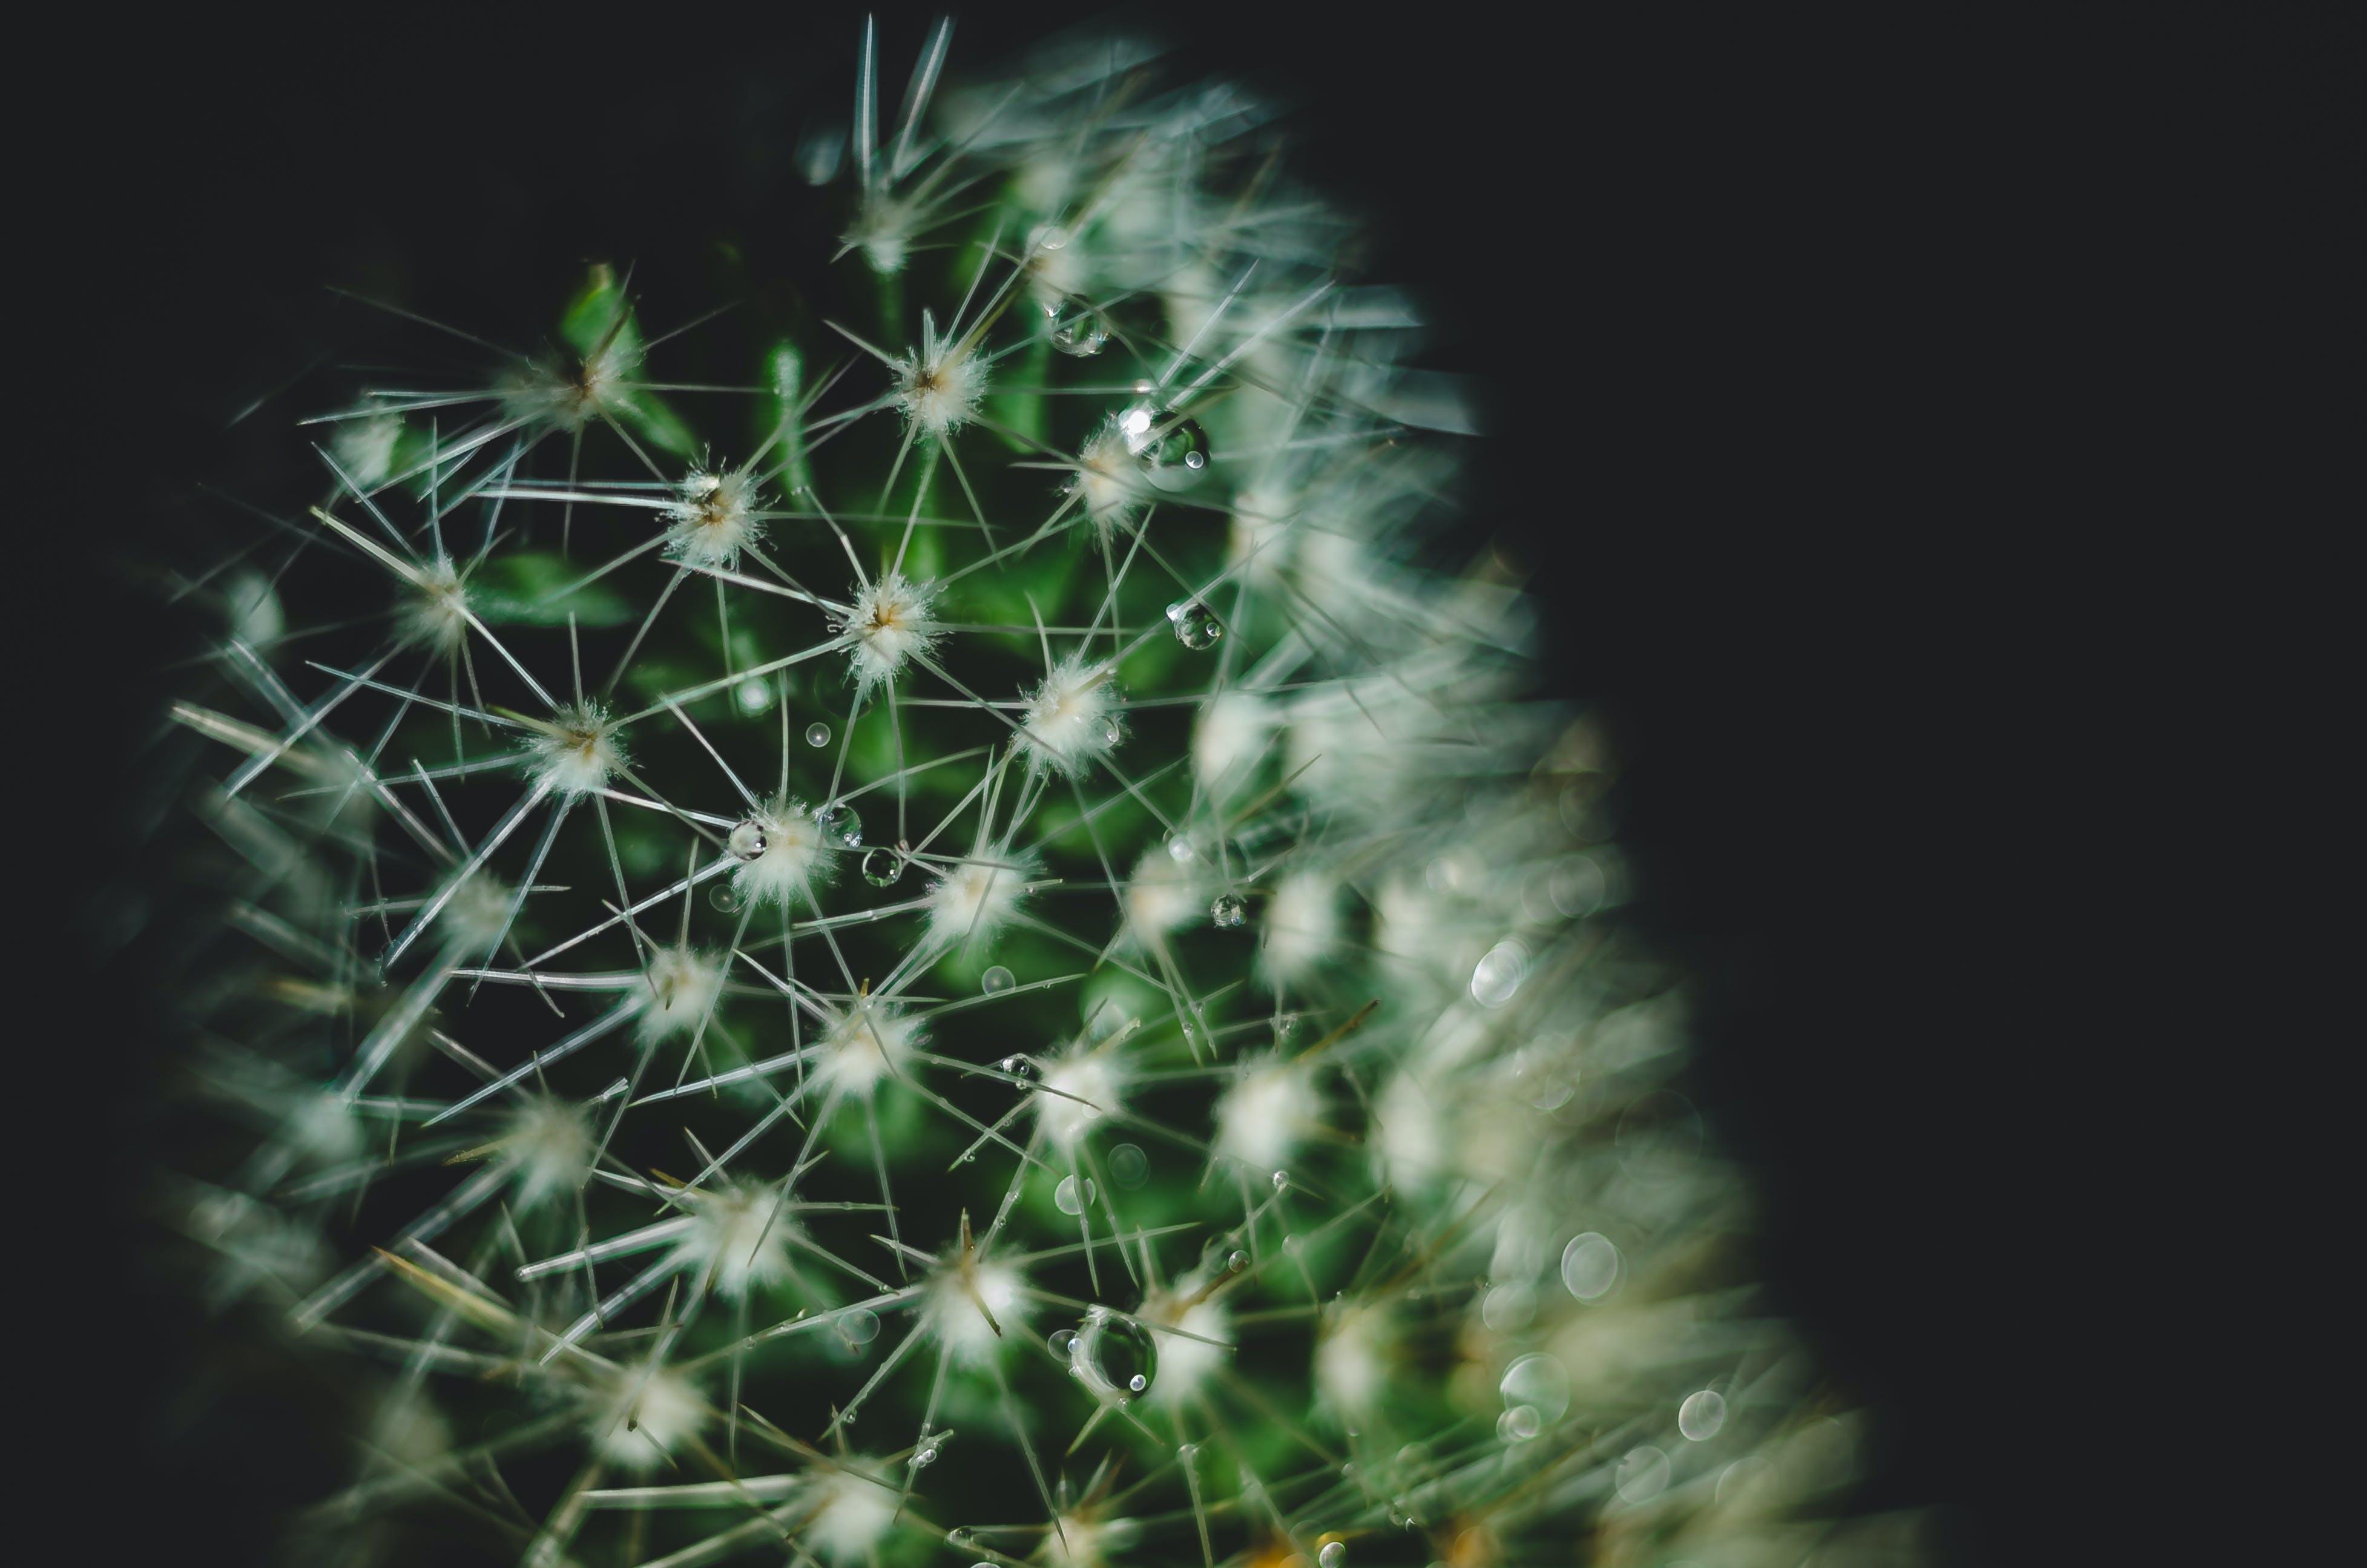 cactus, drop of water